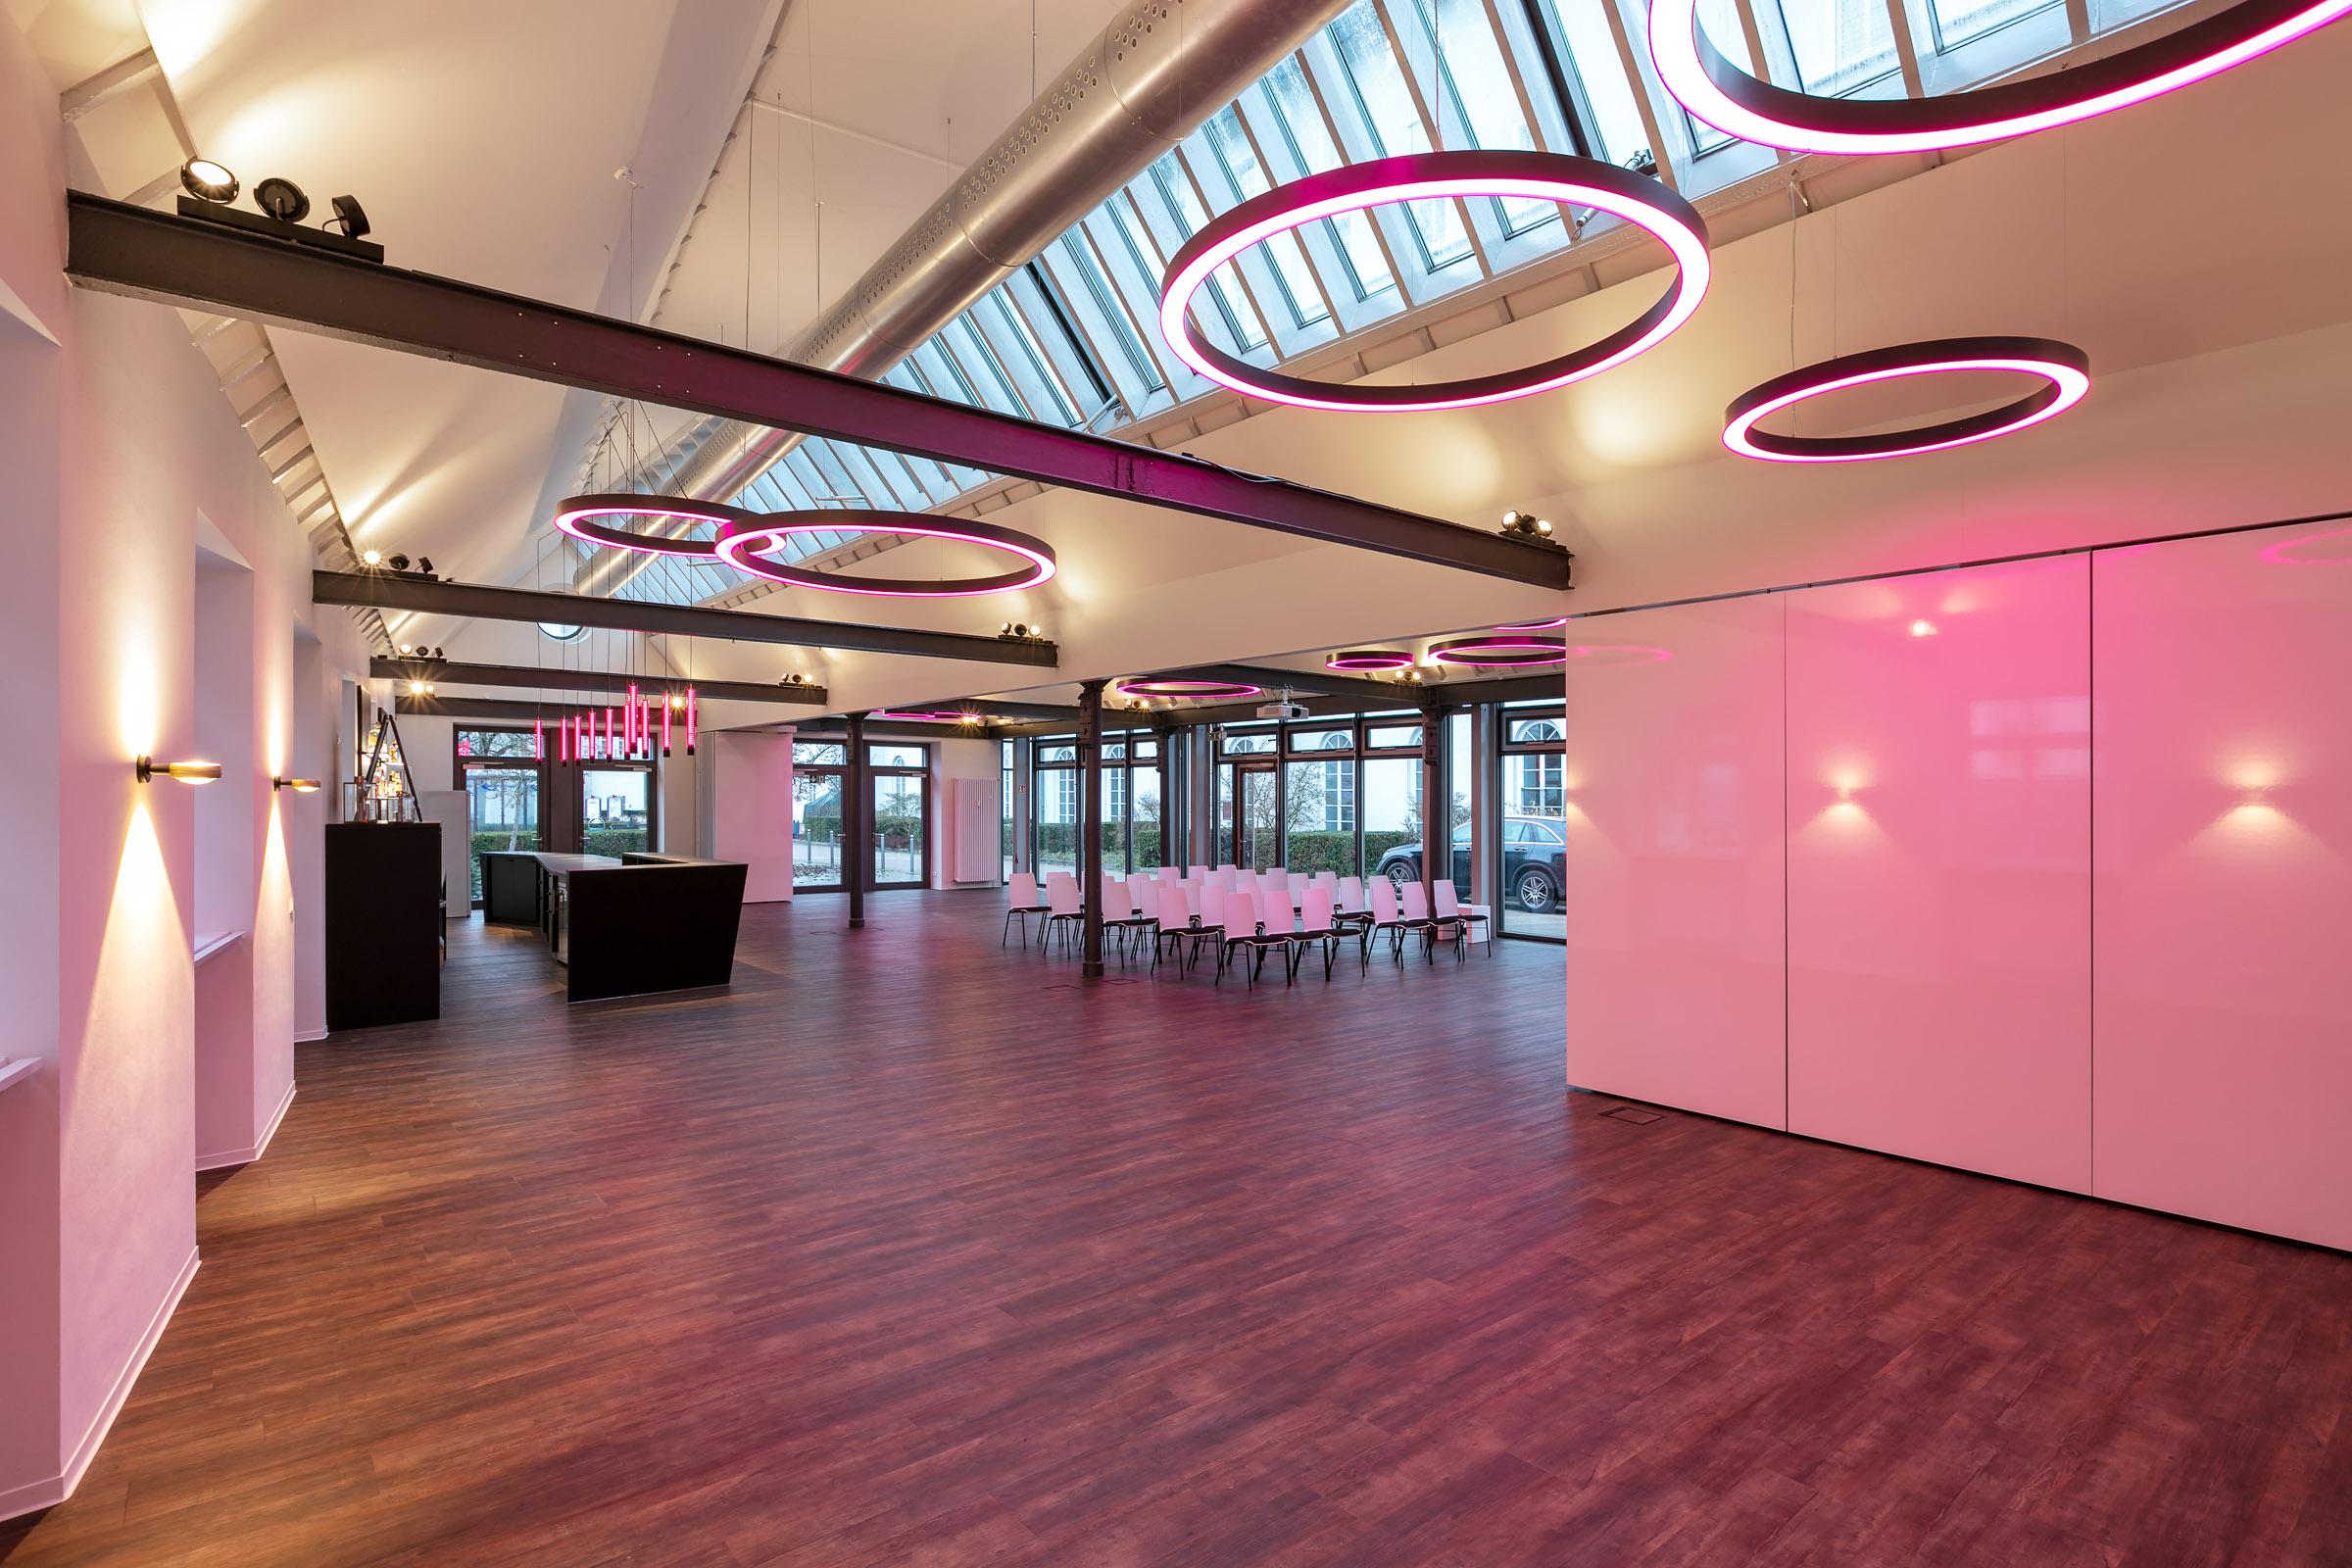 Pink leuchtende Ringleuchten in einem Konferenzsaal